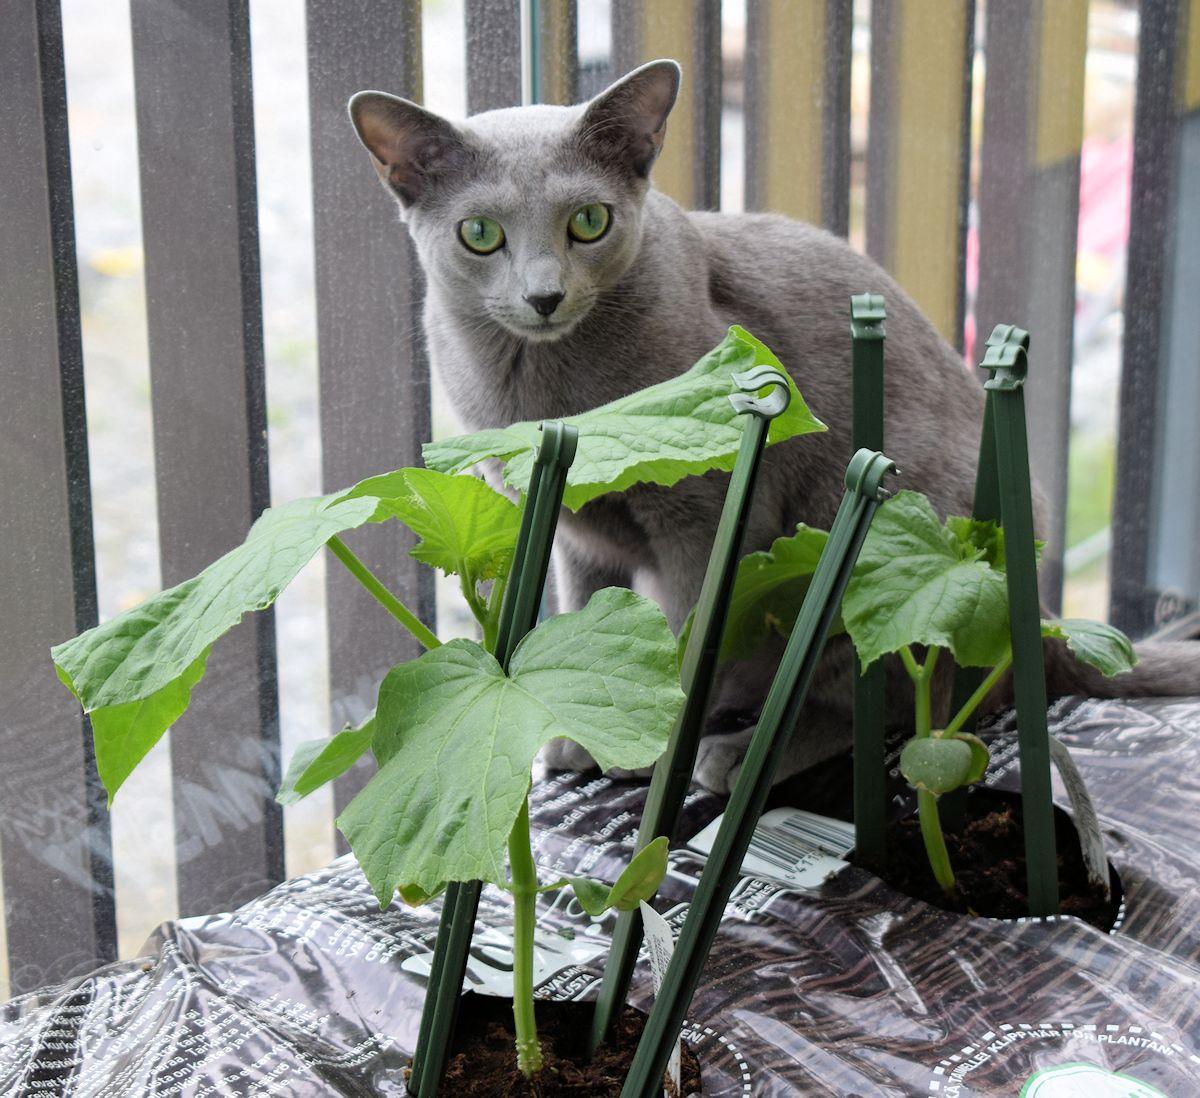 Venäjänsininen kissa kurkkujen takana.